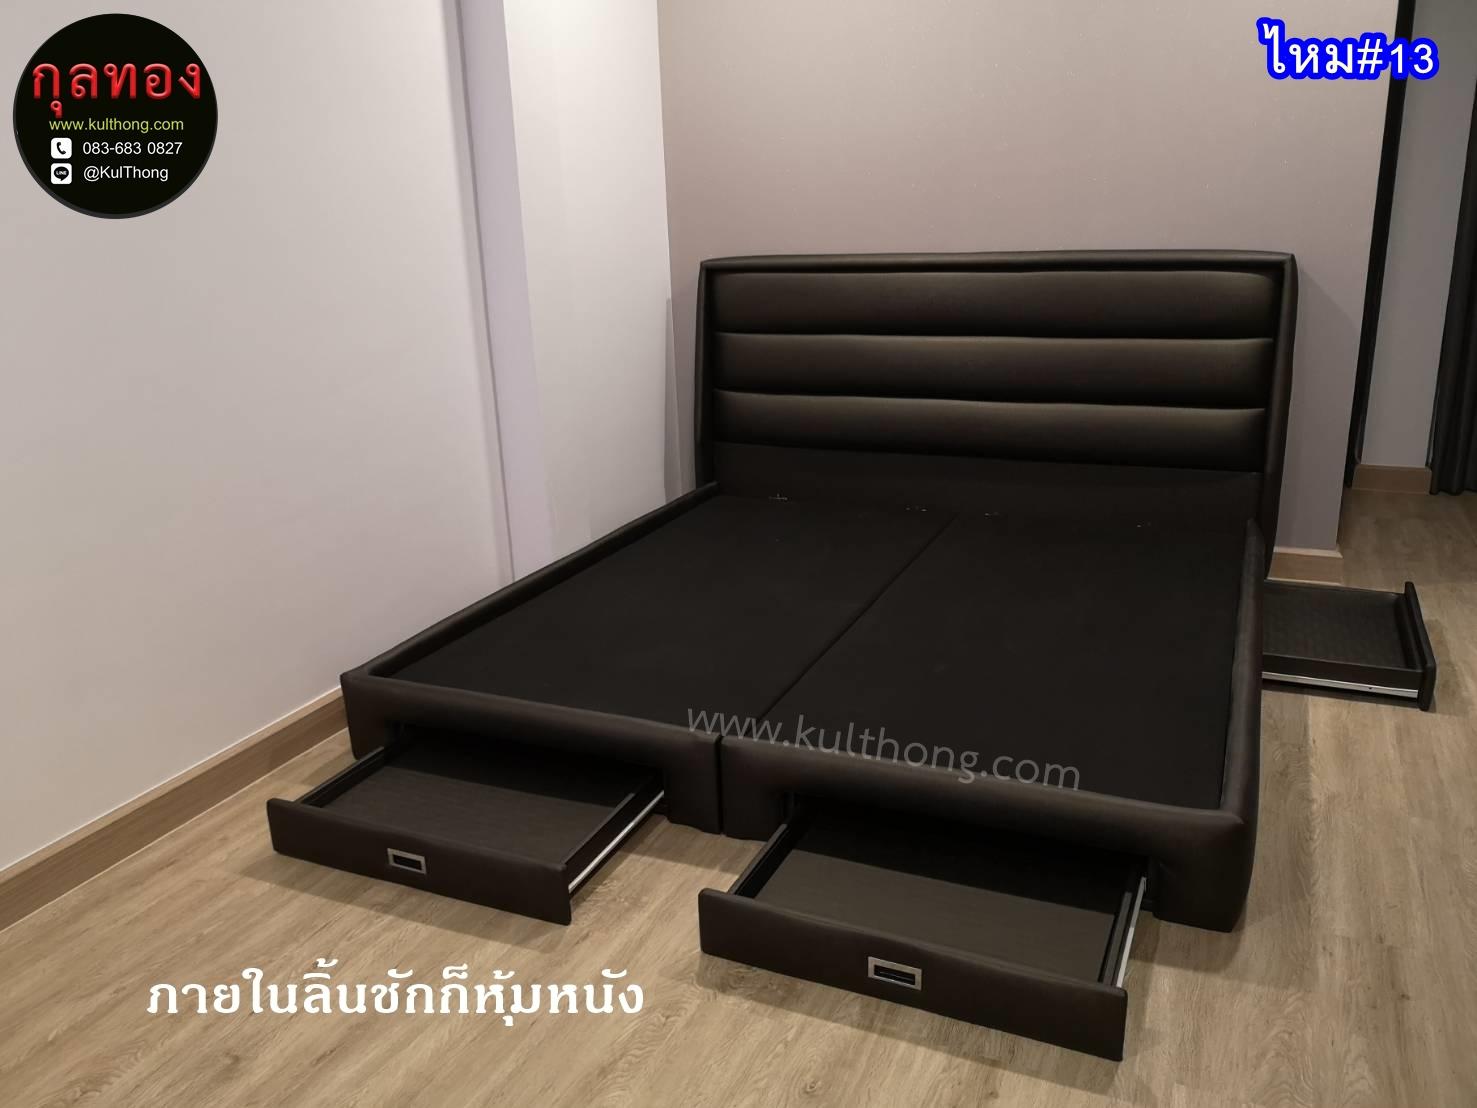 เตียงลิ้นชัก เตียงสั่งทำ เตียงปรับขนาด เตียงหุ้มหนัง